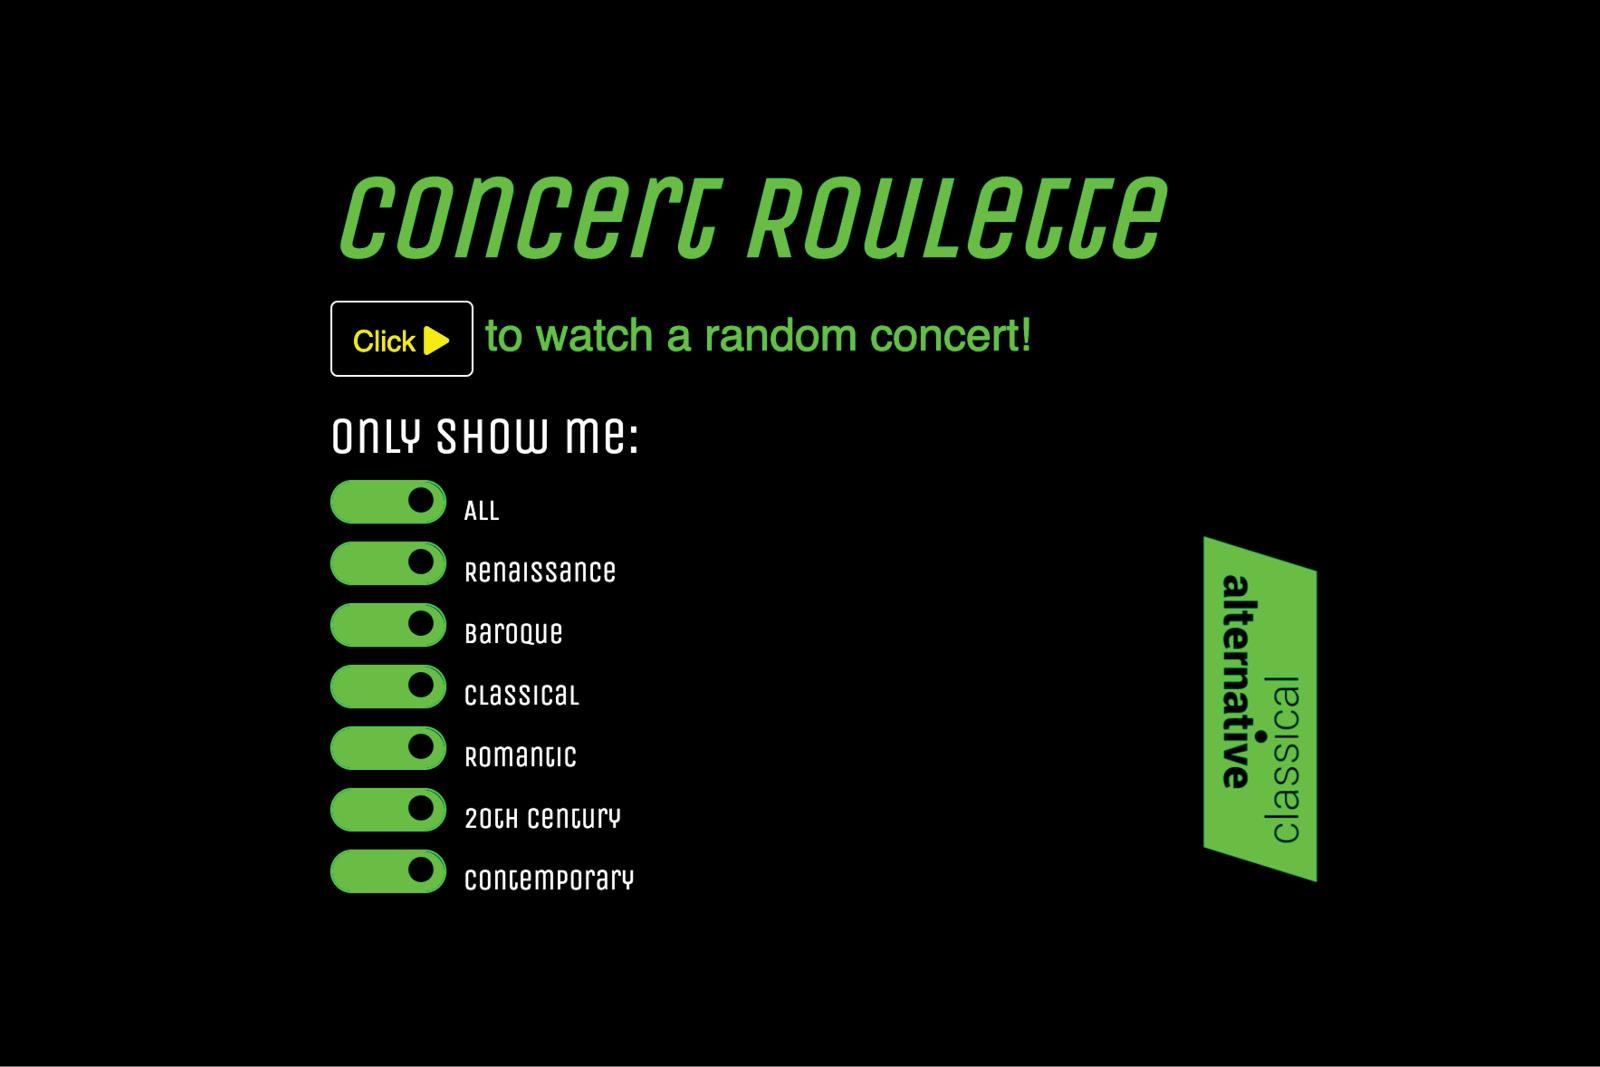 Concert Roulette